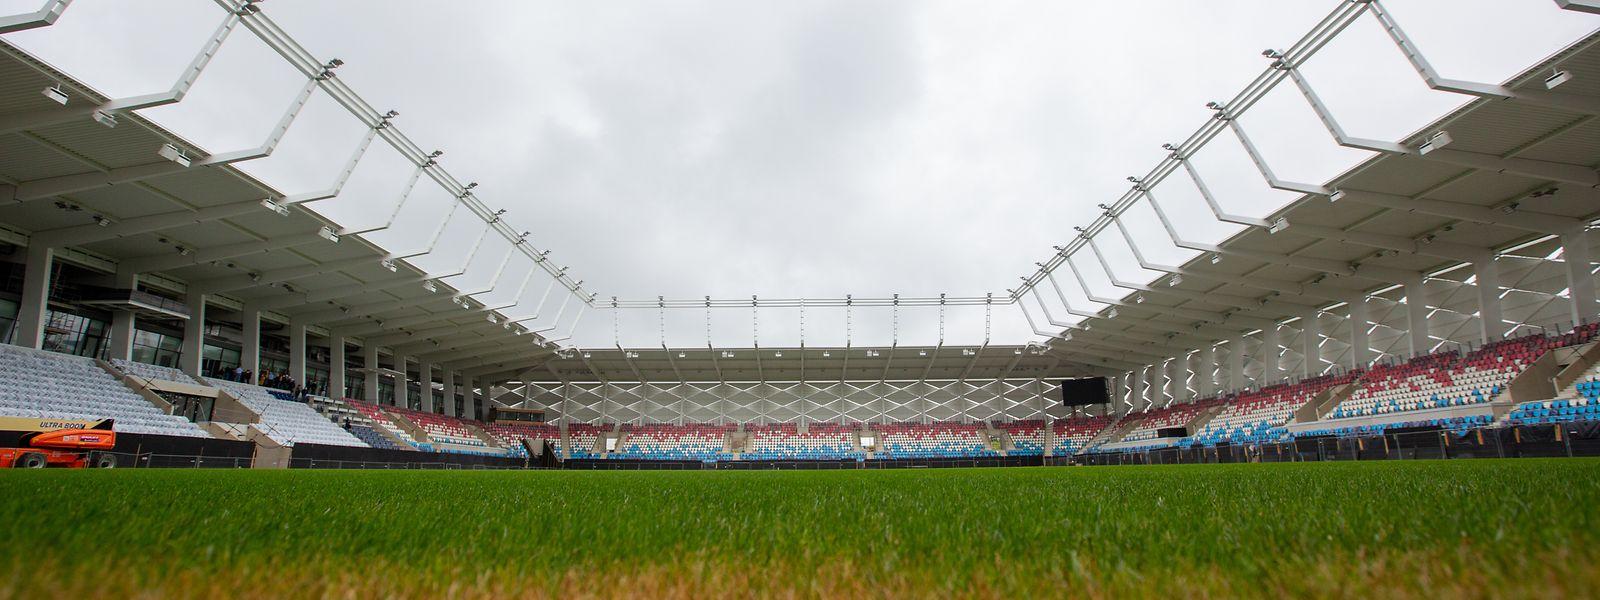 Le Stade de Luxembourg pourra accueillir jusqu'à 10.000 spectateurs